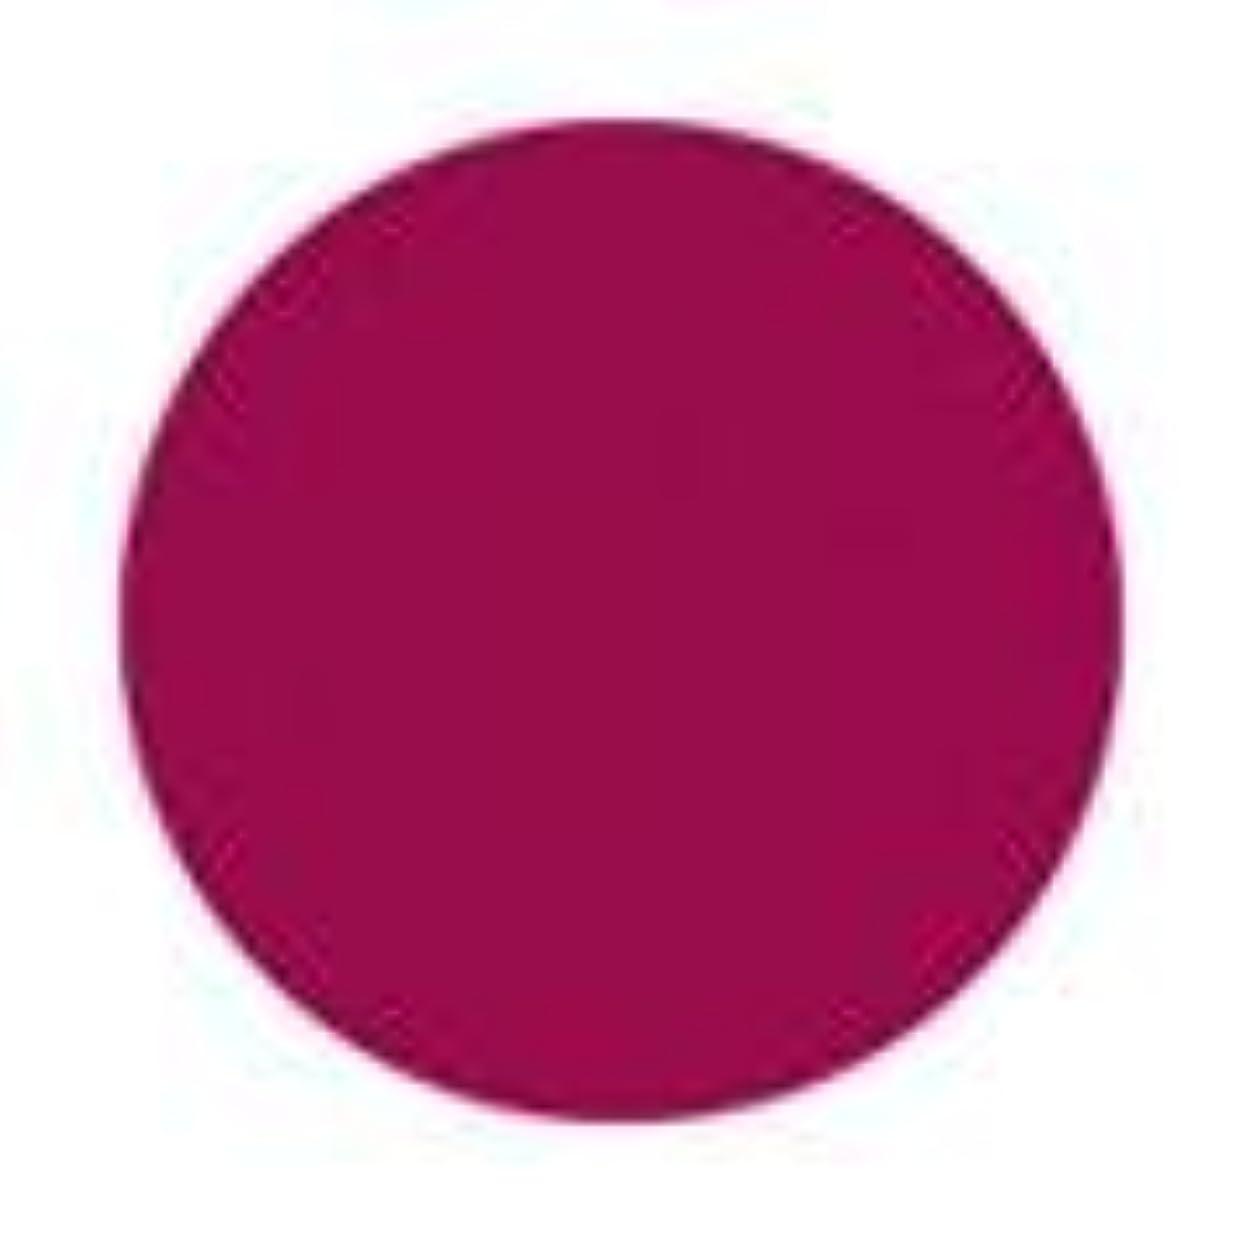 置き場一時停止旅行者Jessica ジェレレーション カラー 15ml  485 ブライジングプリンセス